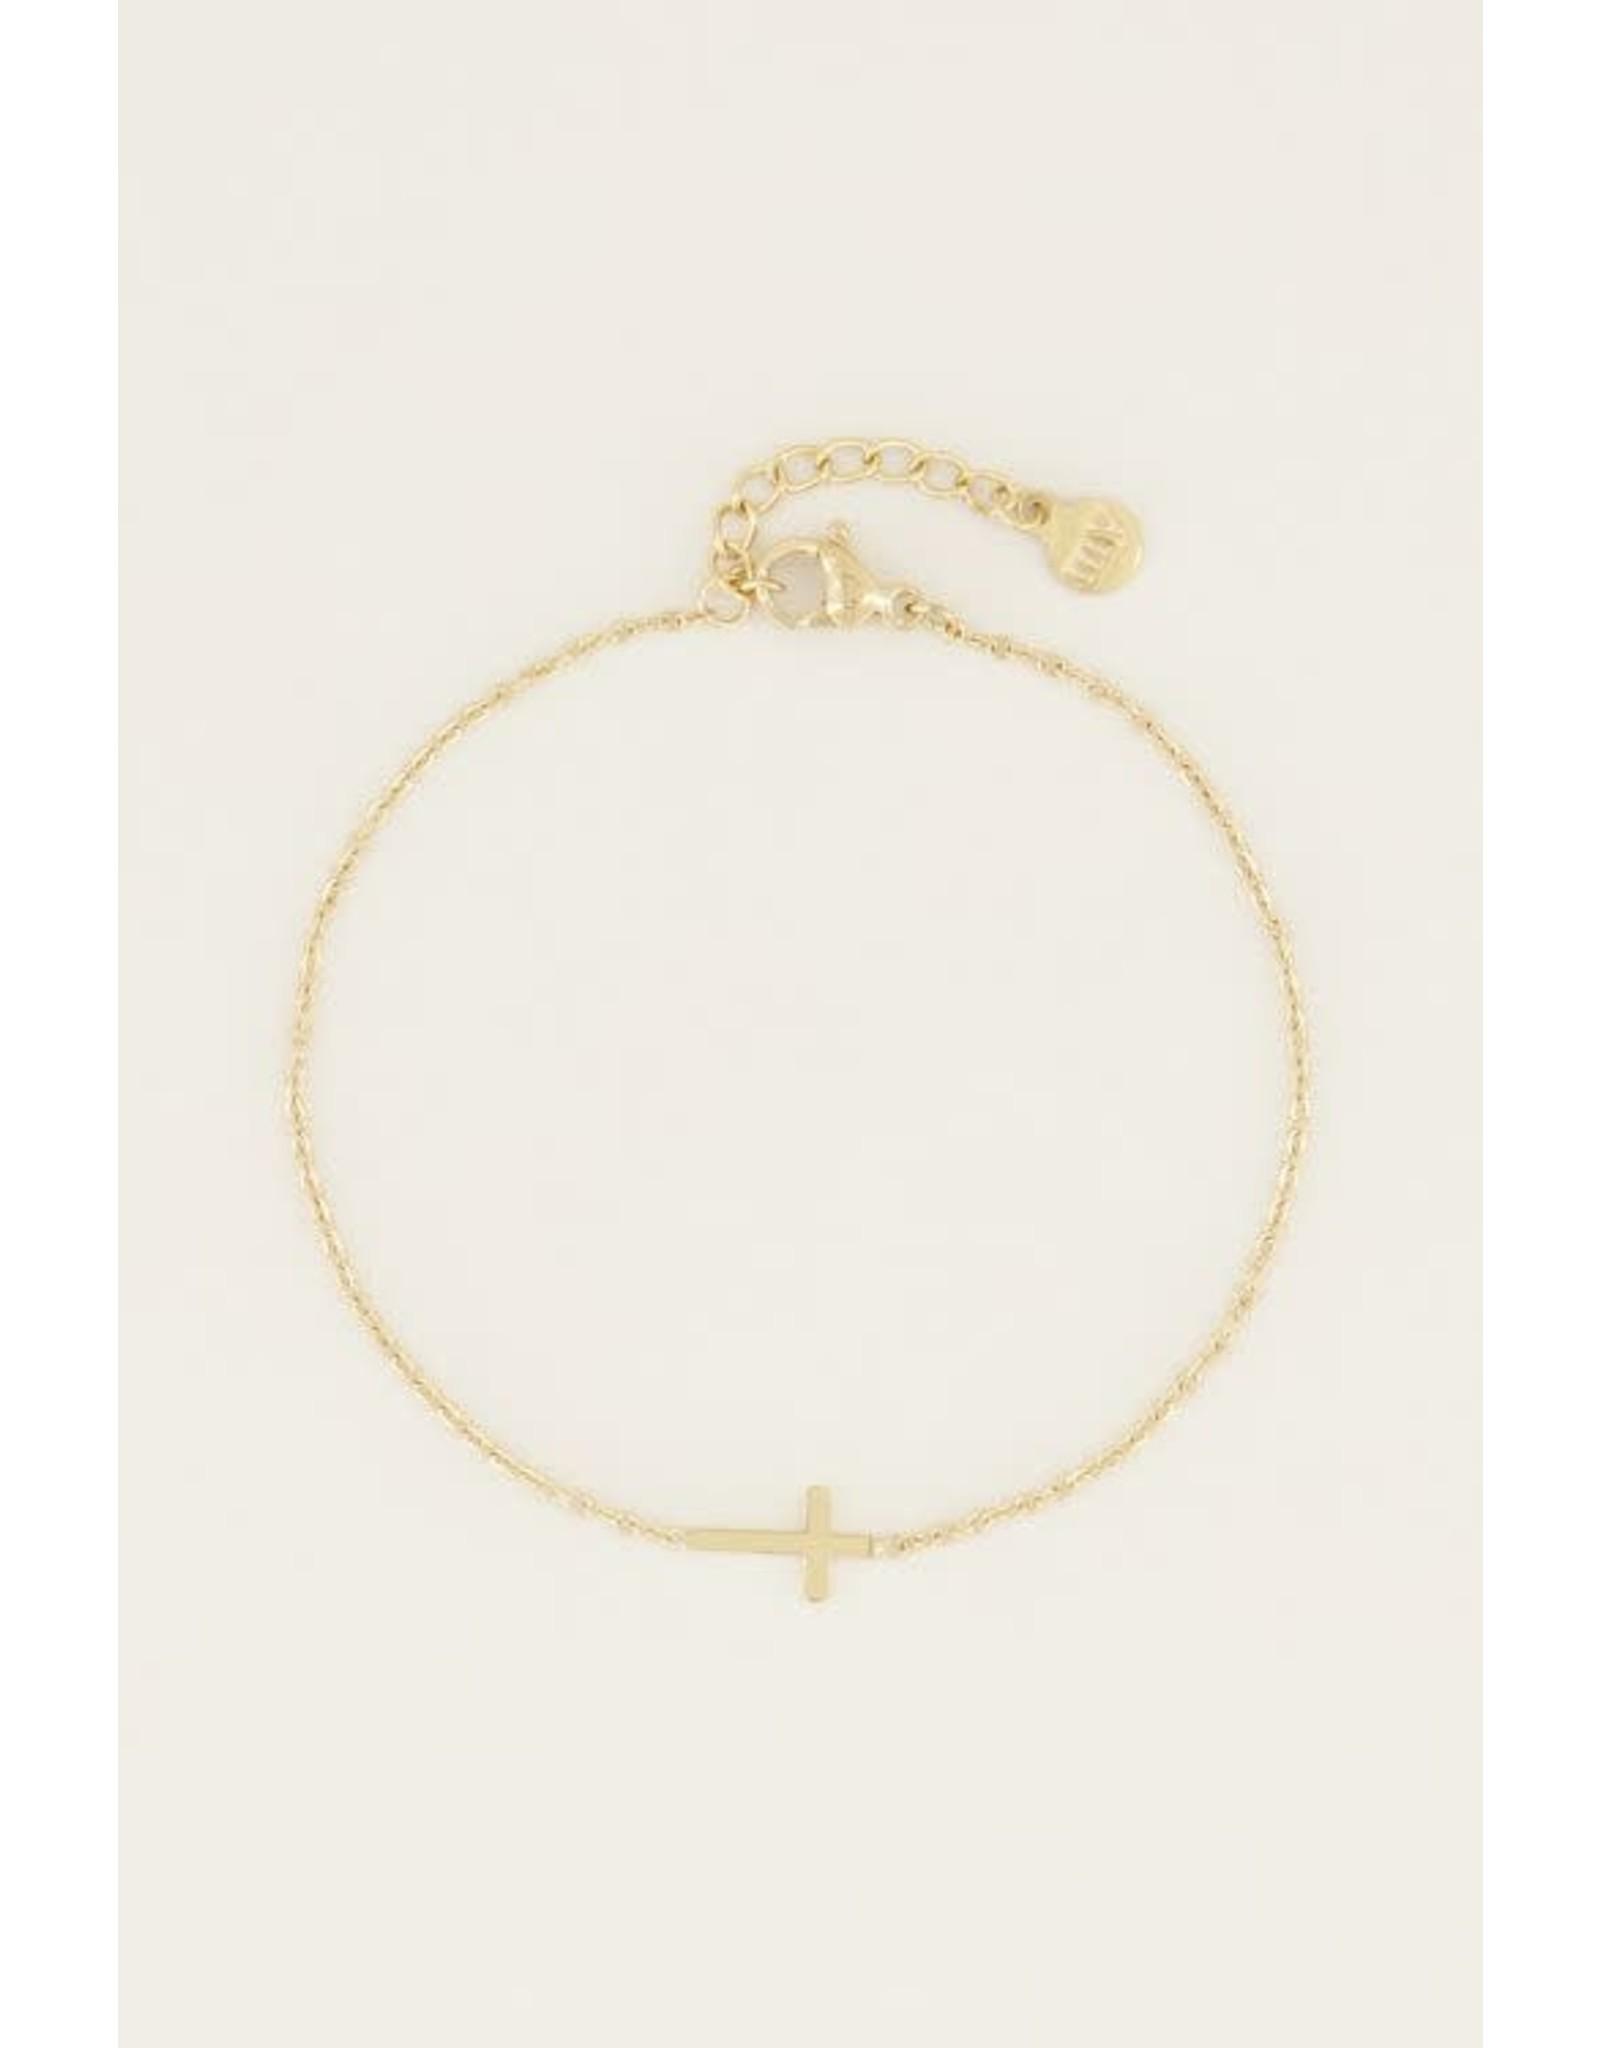 My Jewellery My Jewellery armband - klein kruisje